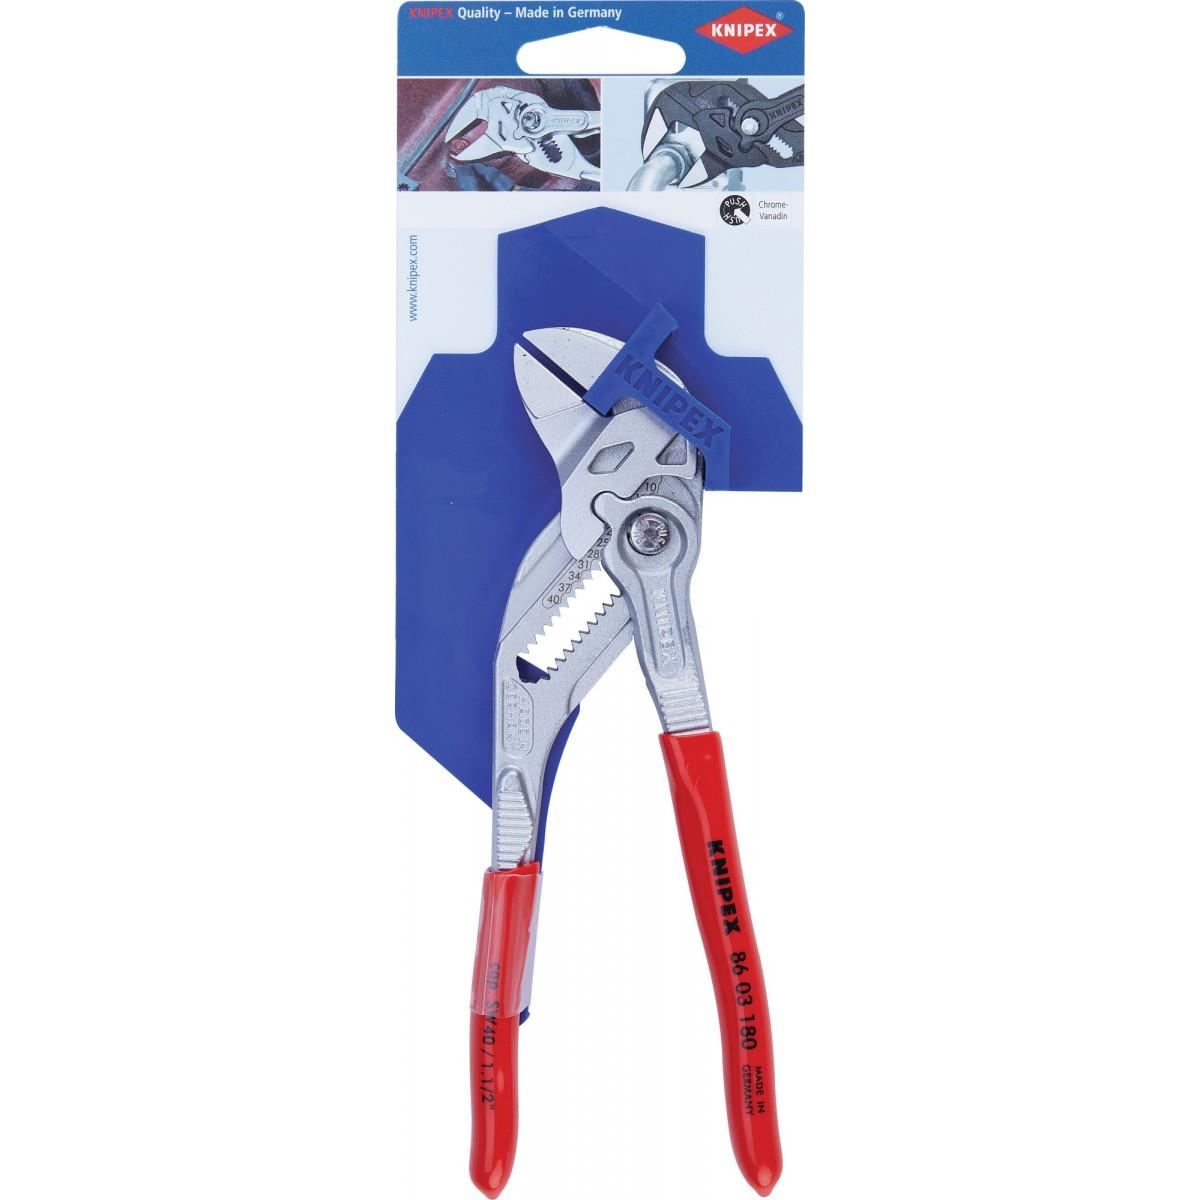 Pince multiprise clé Knipex - Longueur 180 mm